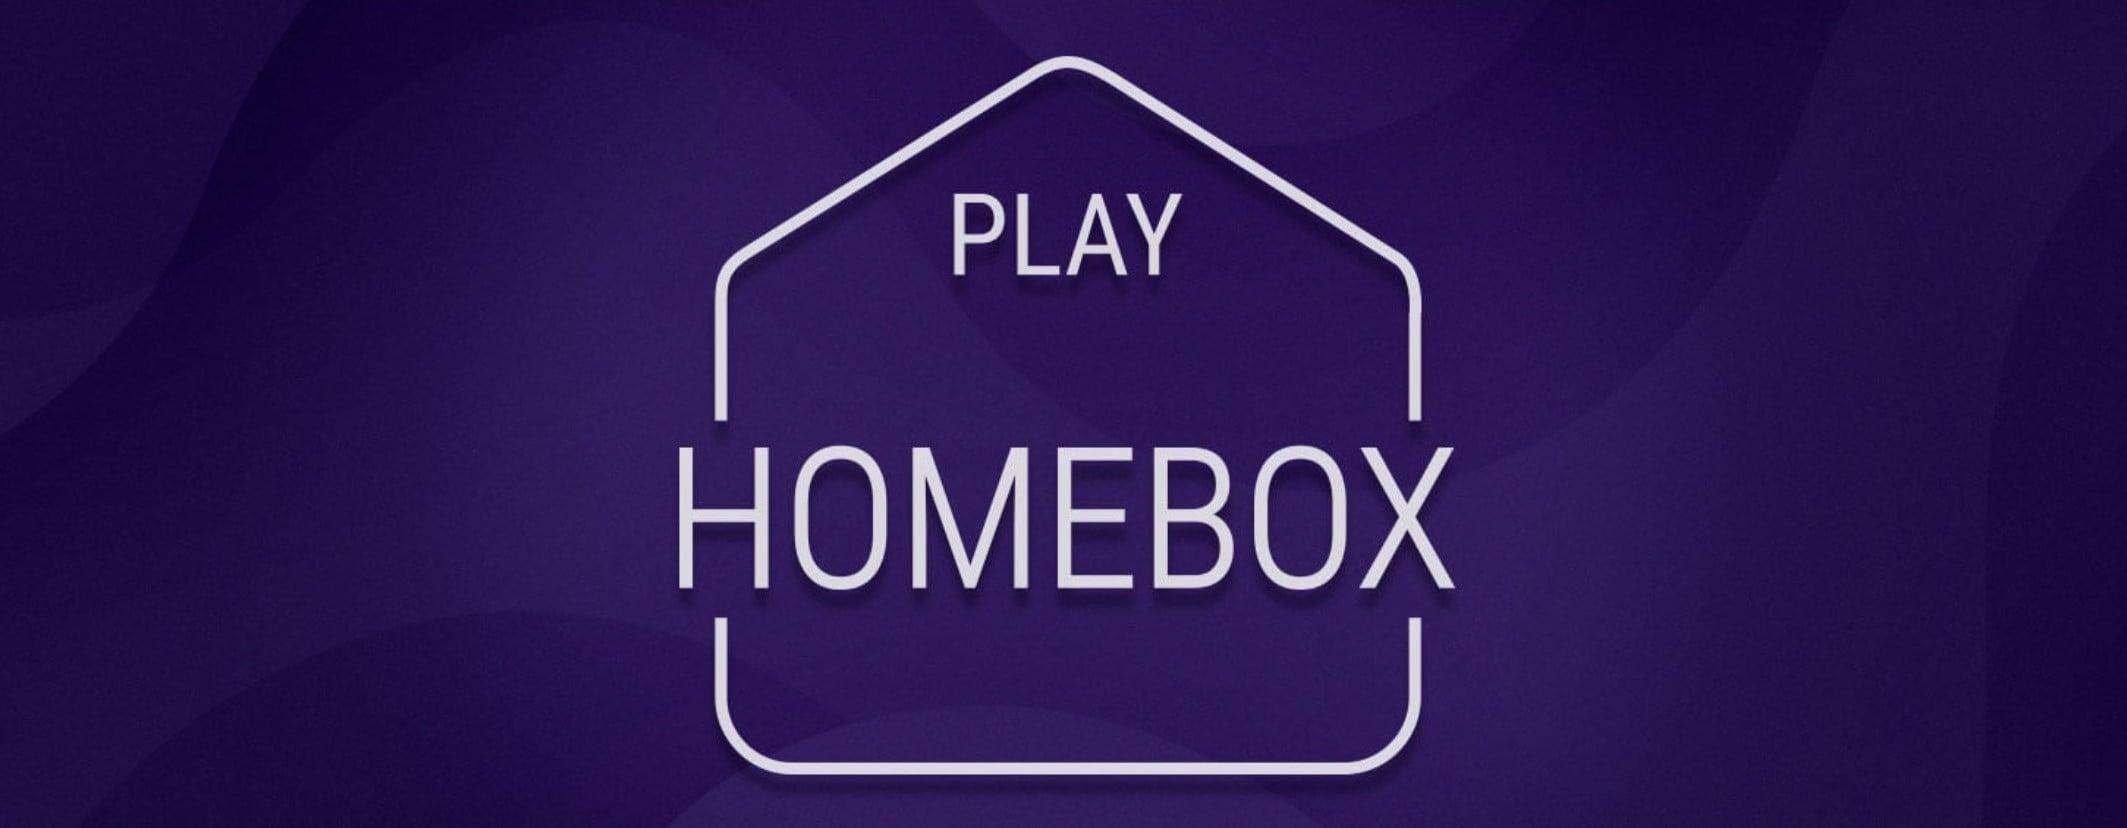 Play wprowadza nowy abonament - PLAY HOMEBOX. I przy okazji podnosi ceny dotychczasowych taryf